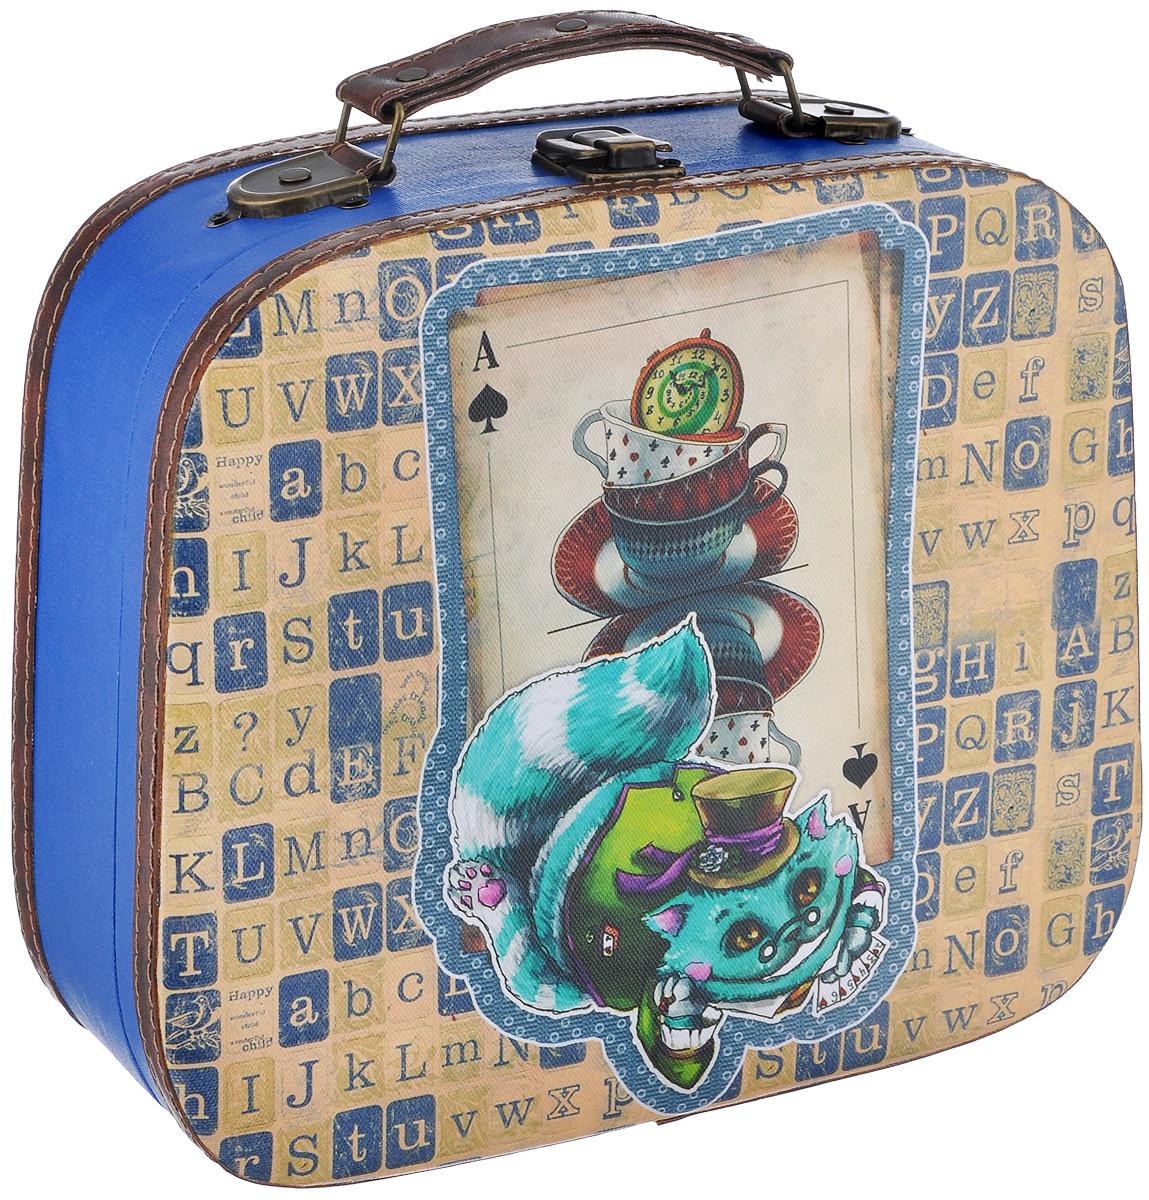 Декоративная шкатулка Феникс-презент Волшебный кот, 28 см х 24,5 см х 10,5 см37352Декоративная шкатулка Феникс-презент Волшебный кот, выполненная из МДФ, оформлена ярким изображением кота. Изделие закрывается на металлический замок-защелку и оснащено удобной ручкой для переноски. Такая шкатулка может использоваться для хранения бижутерии, предметов рукоделия, в качестве украшения интерьера, а также послужит хорошим подарком для человека, ценящего практичные и оригинальные вещицы.